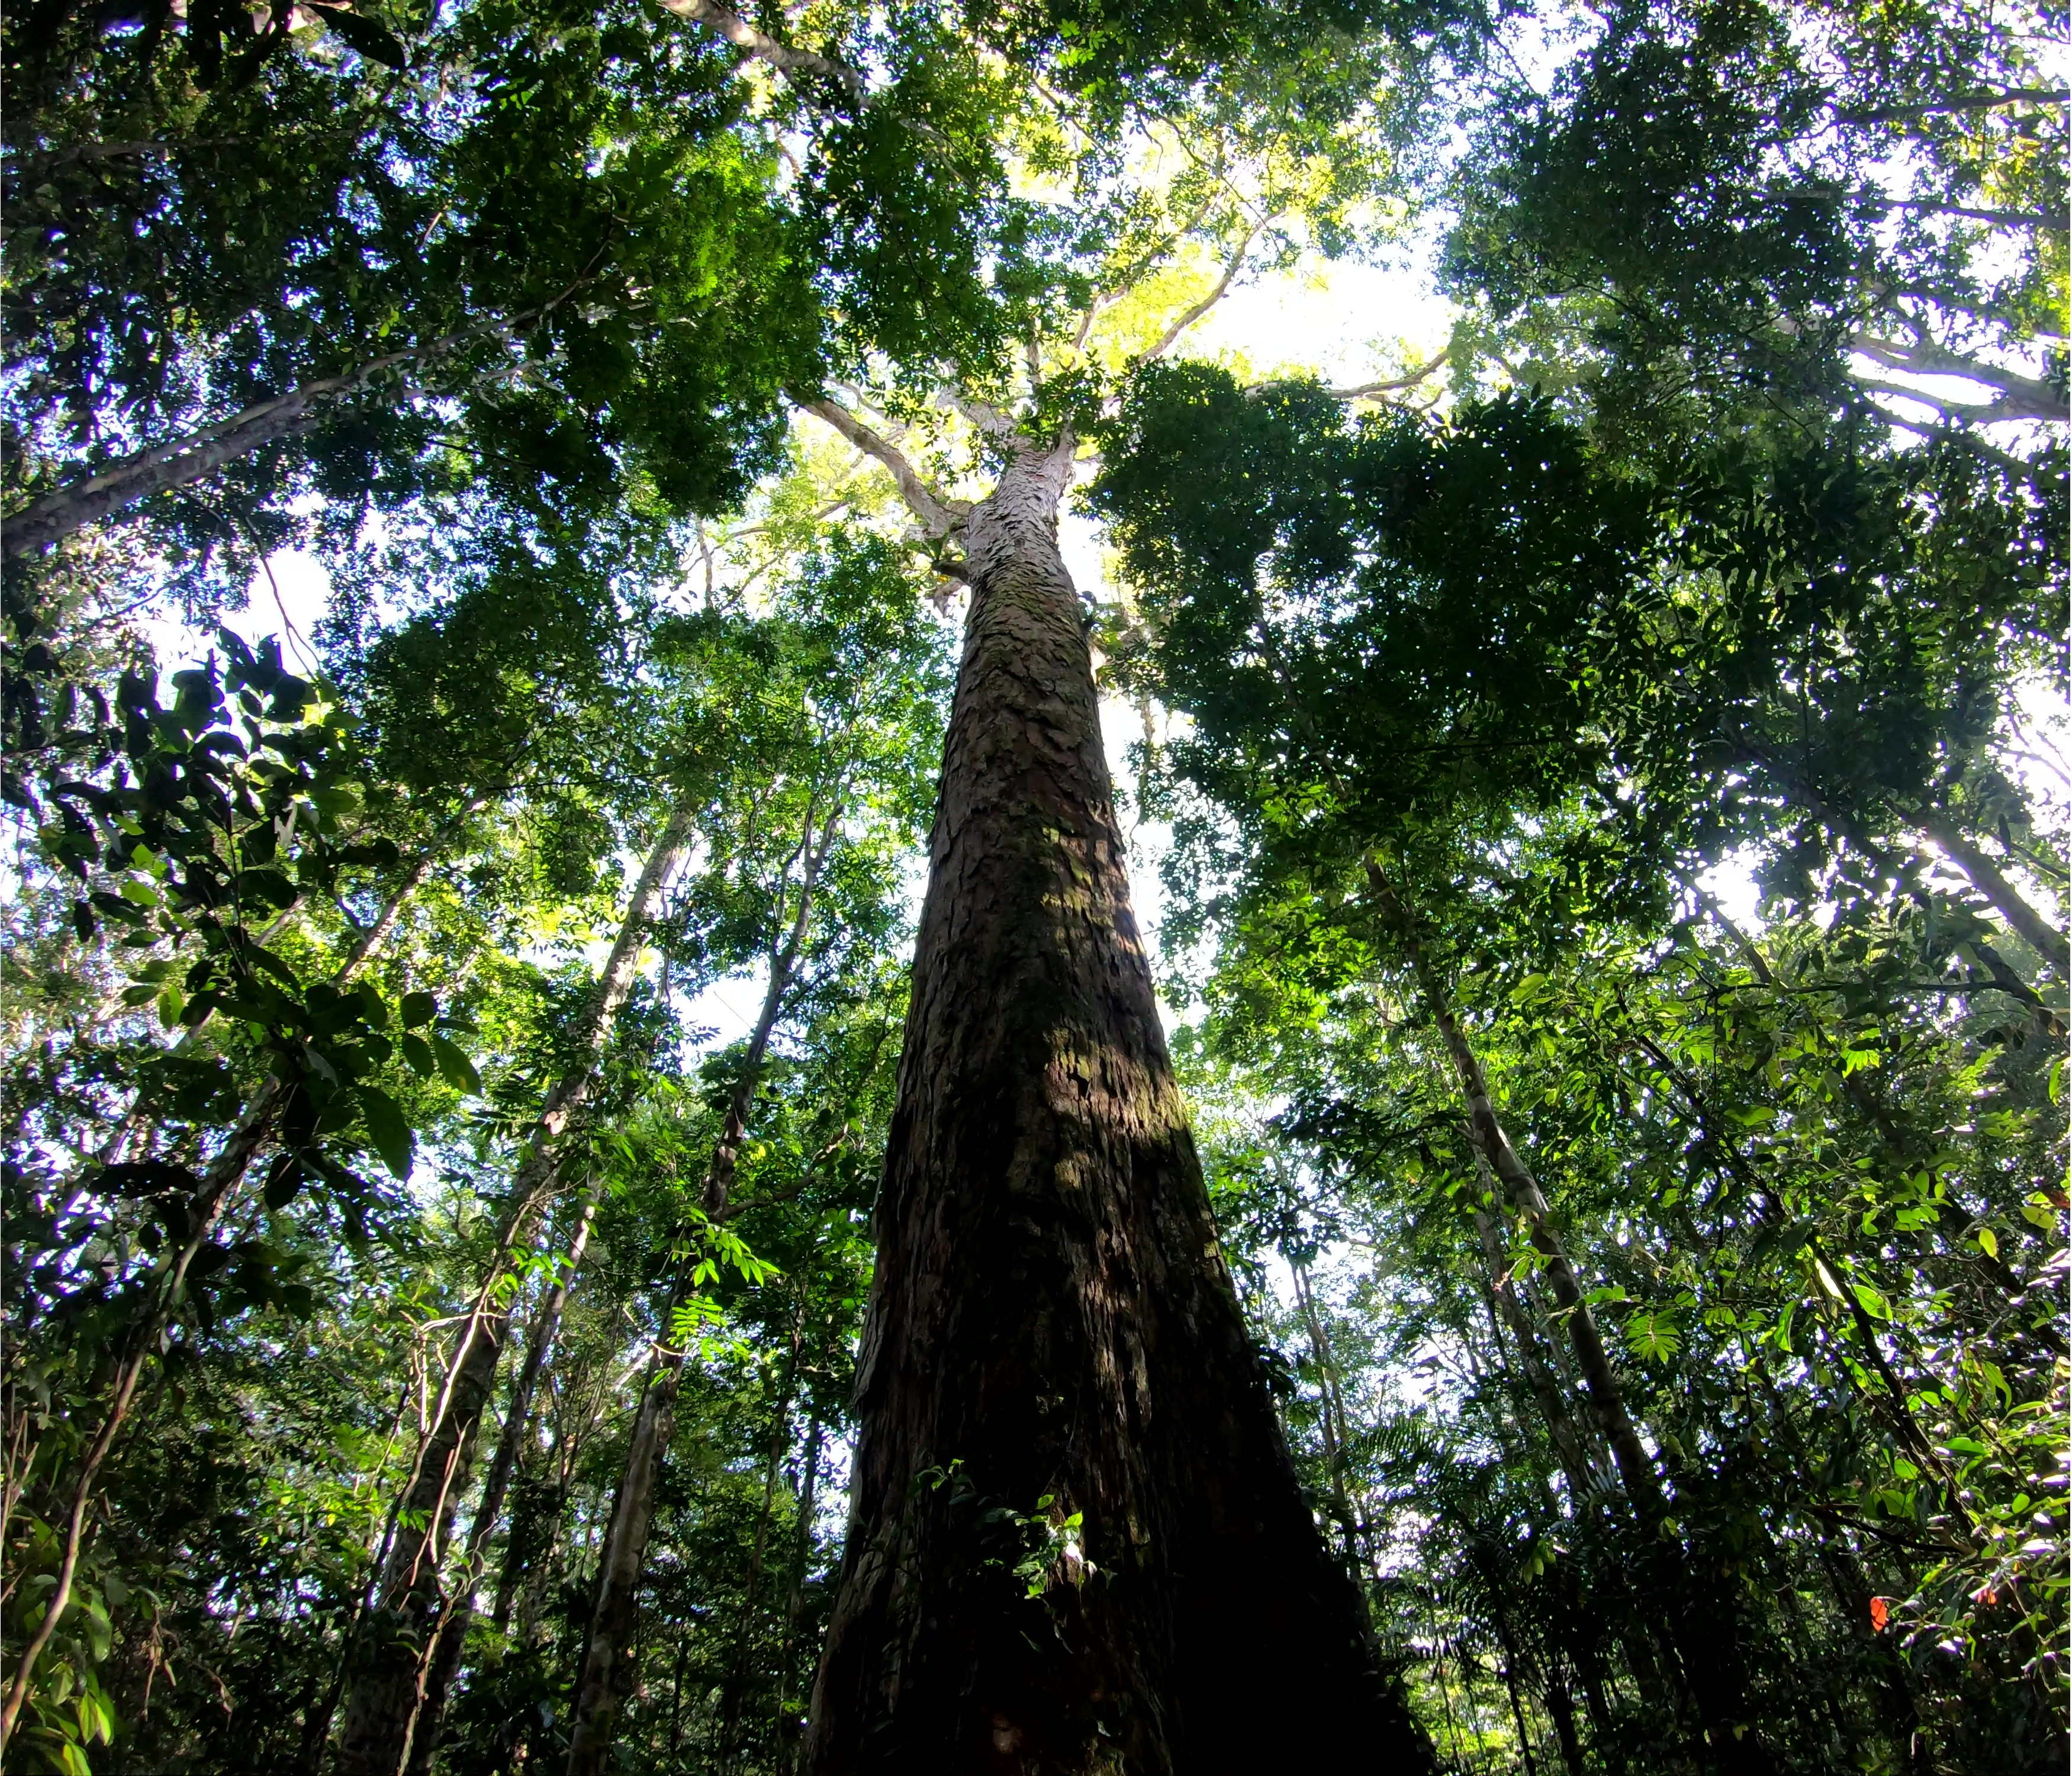 Jari tall tree trip - Tall_tree - Toby Jackson